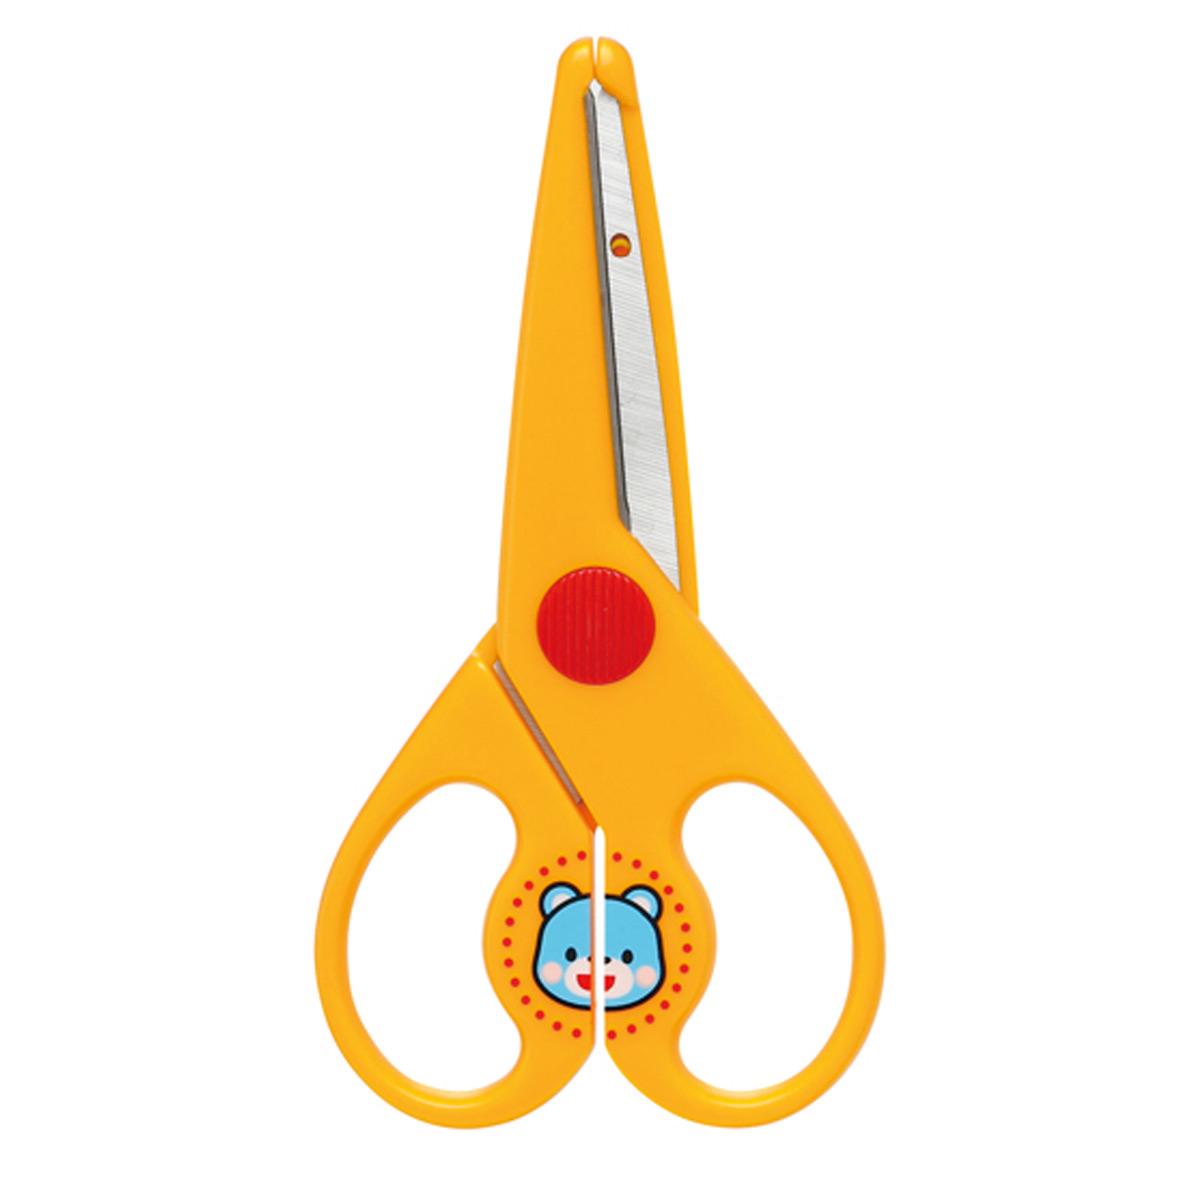 黄 かみきりくん幼児用 はさみ 安全ガード付 ギンポー 文房具 きる はさみ 文具 幼児用 工作